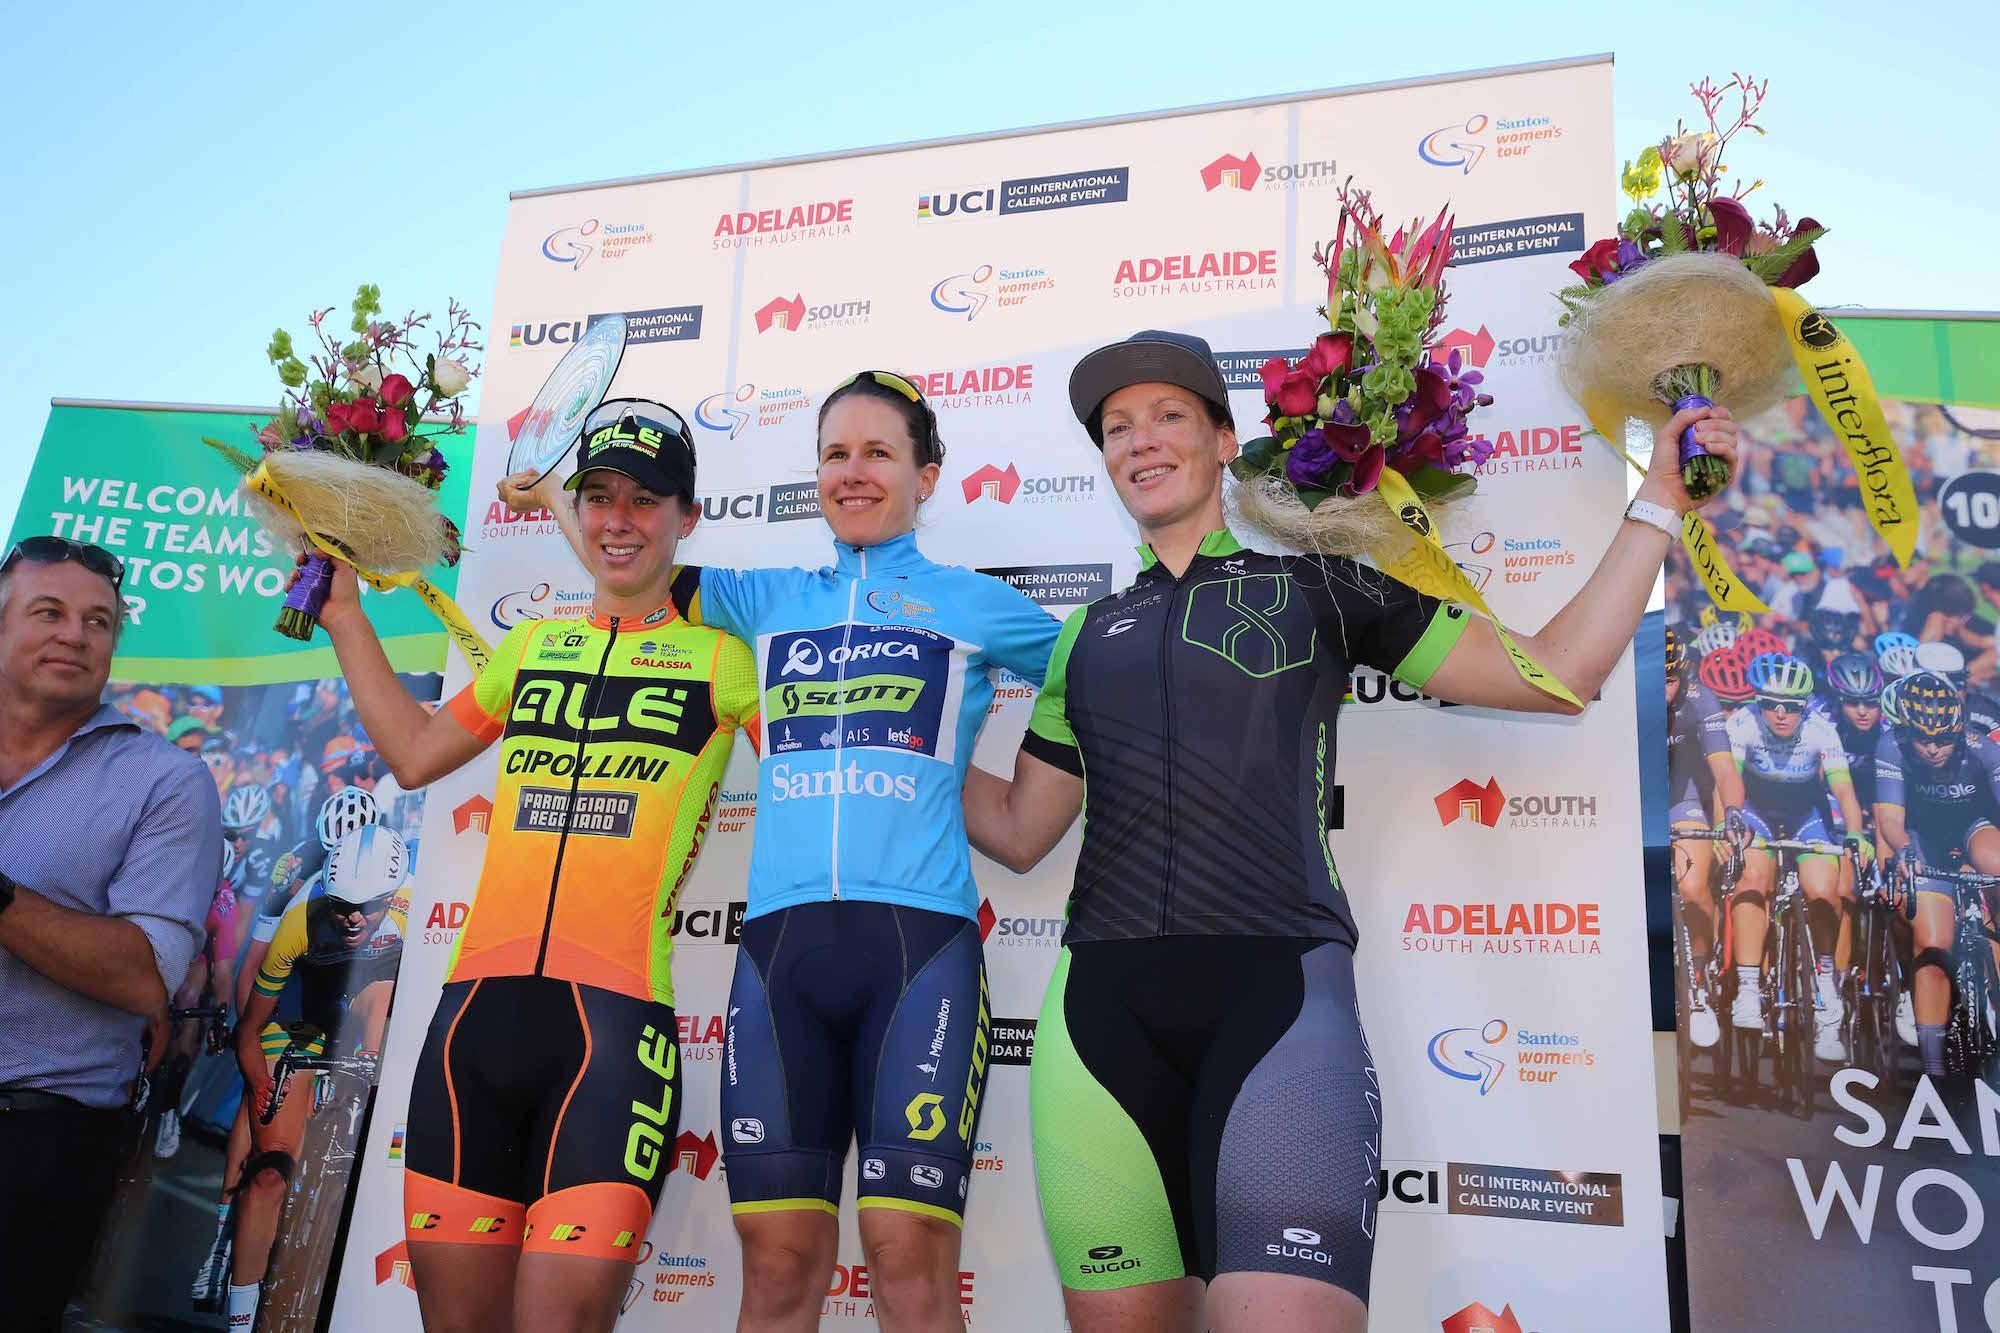 Il podio finale del Santos Women's Tour 2017